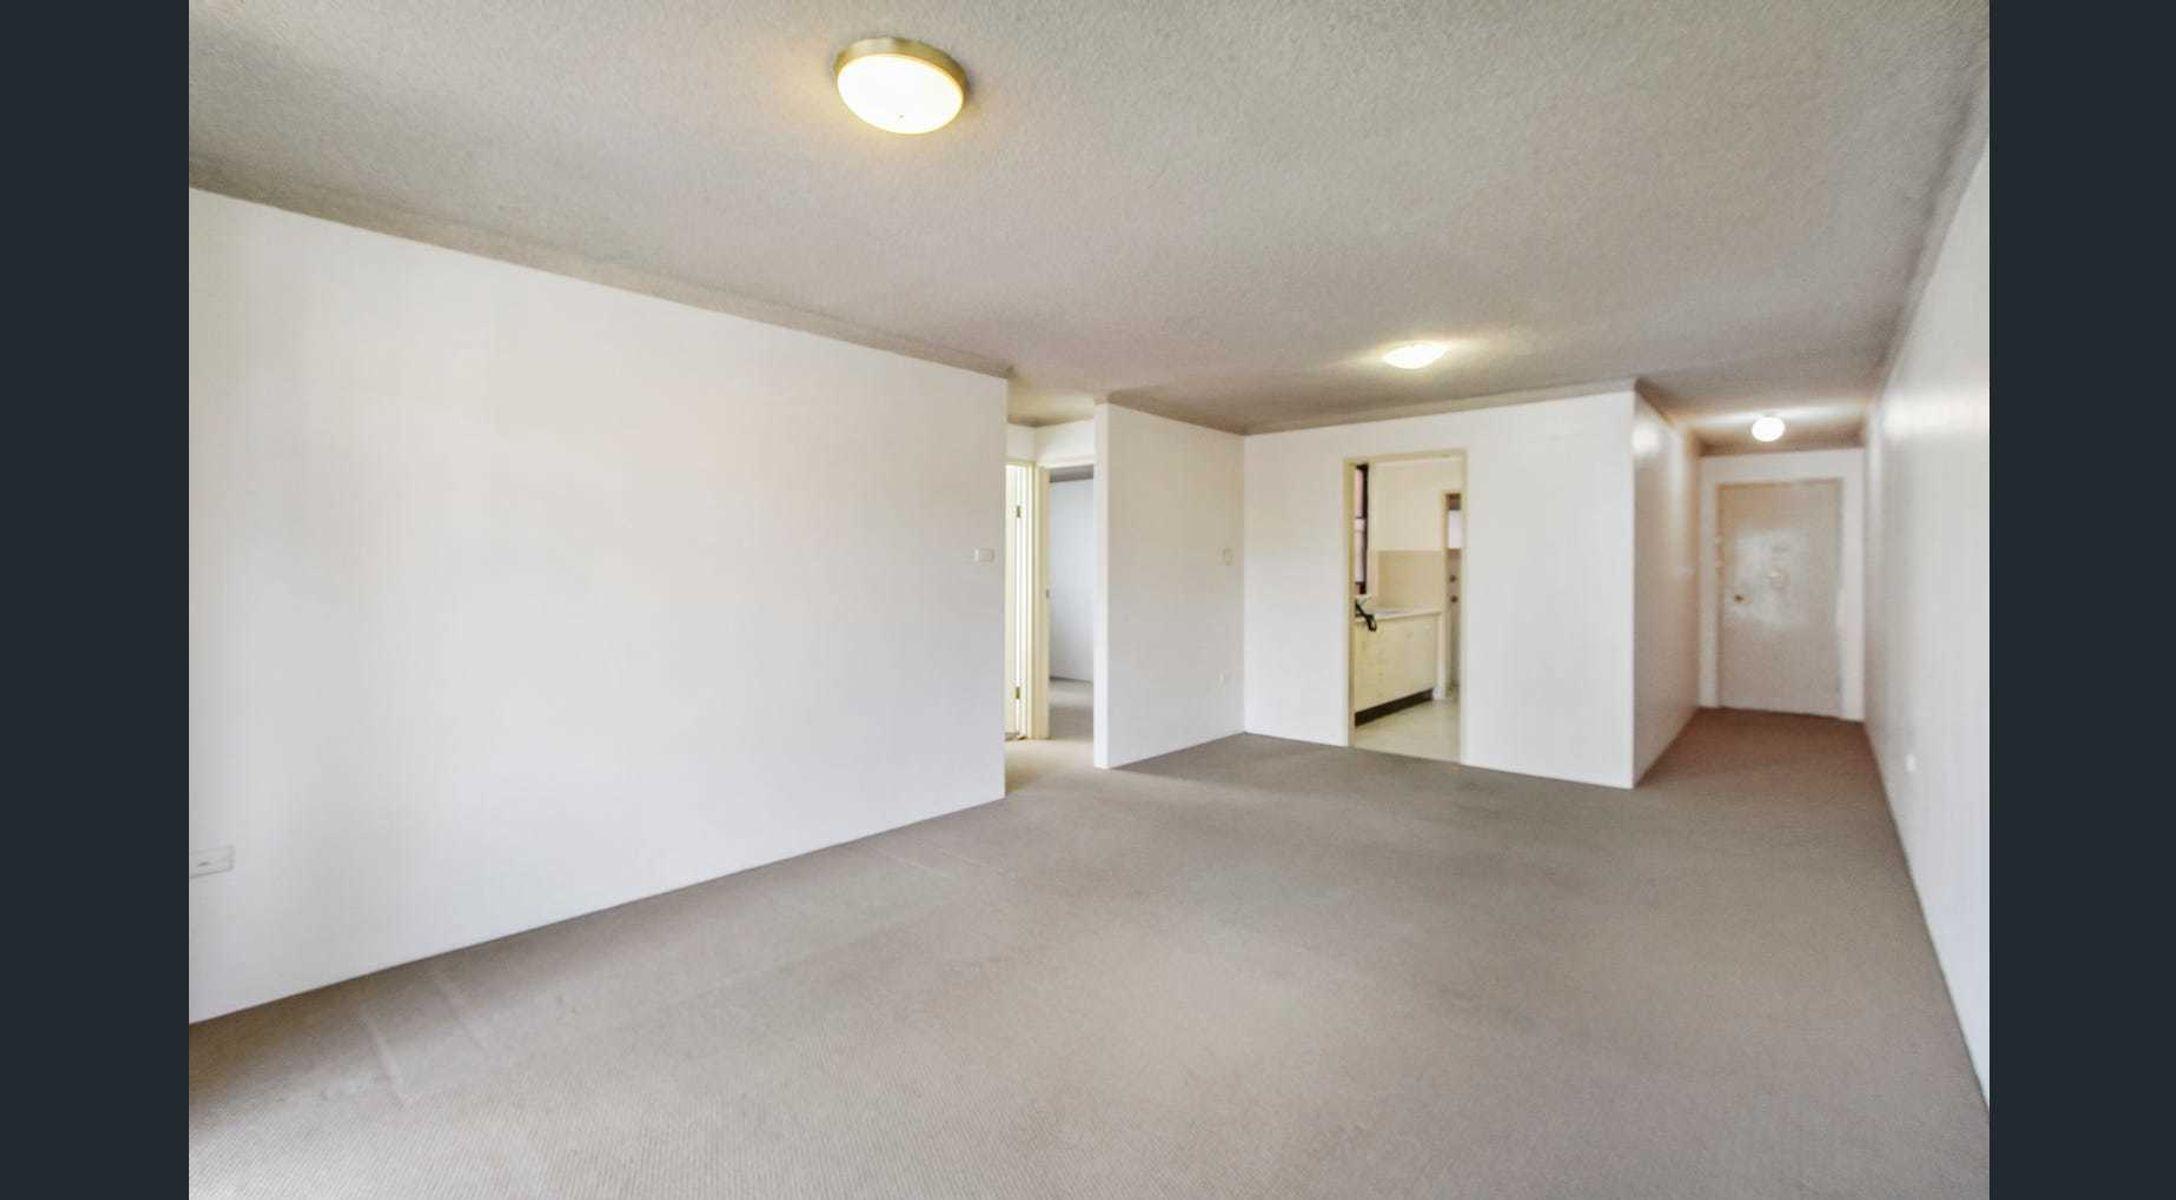 5/116-118 Herring Road, Macquarie Park, NSW 2113